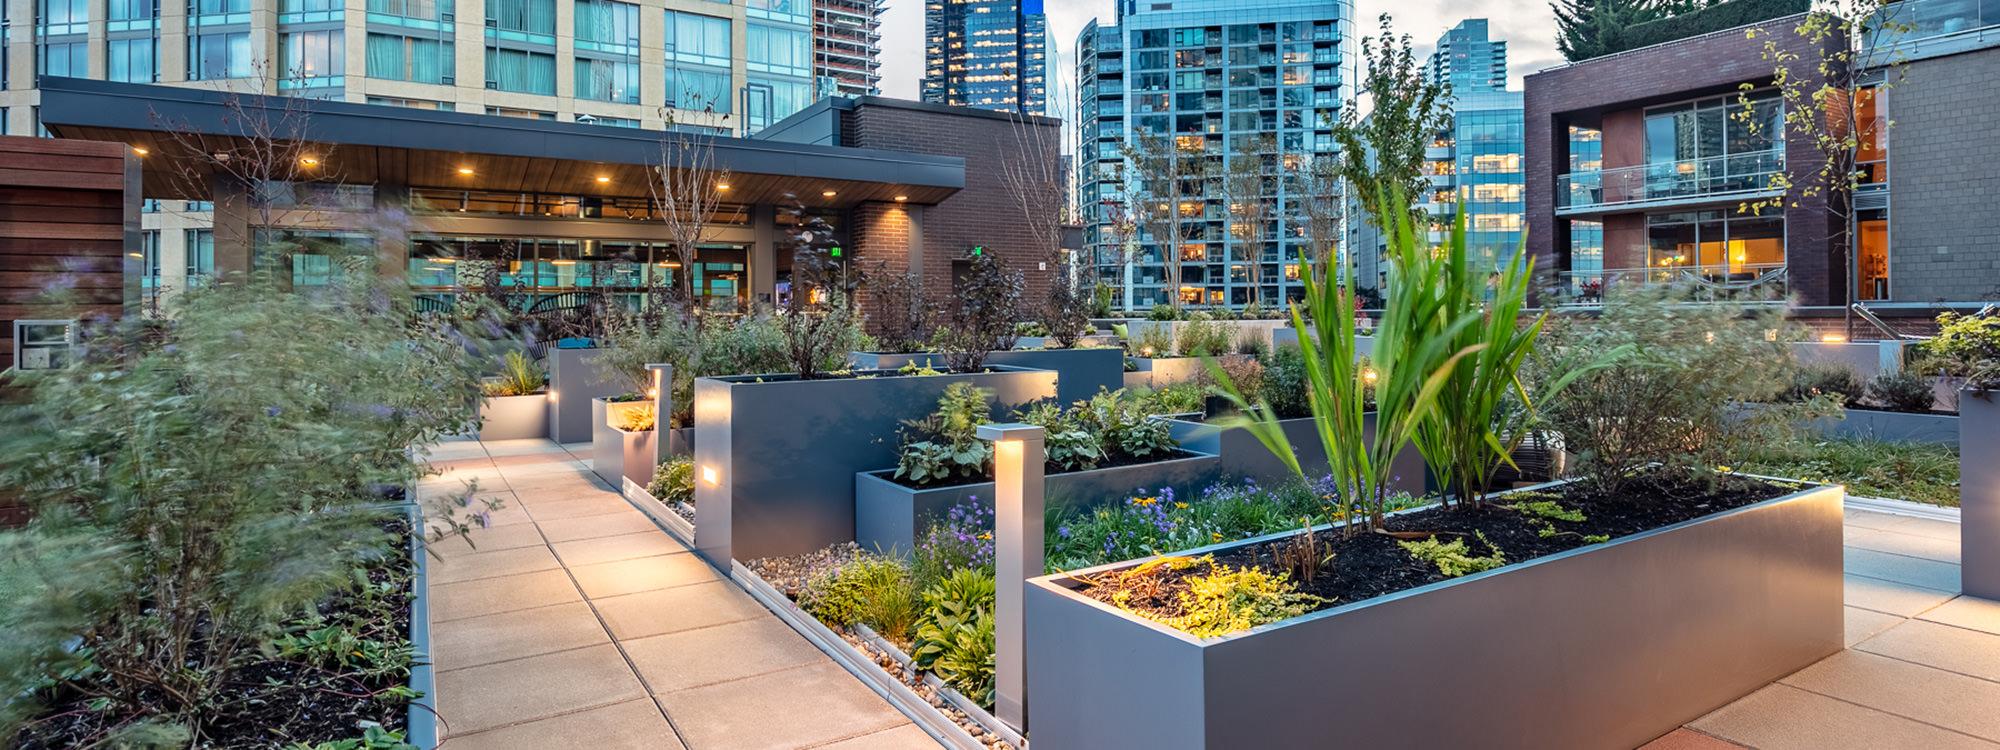 Kiara Landscape Architecture